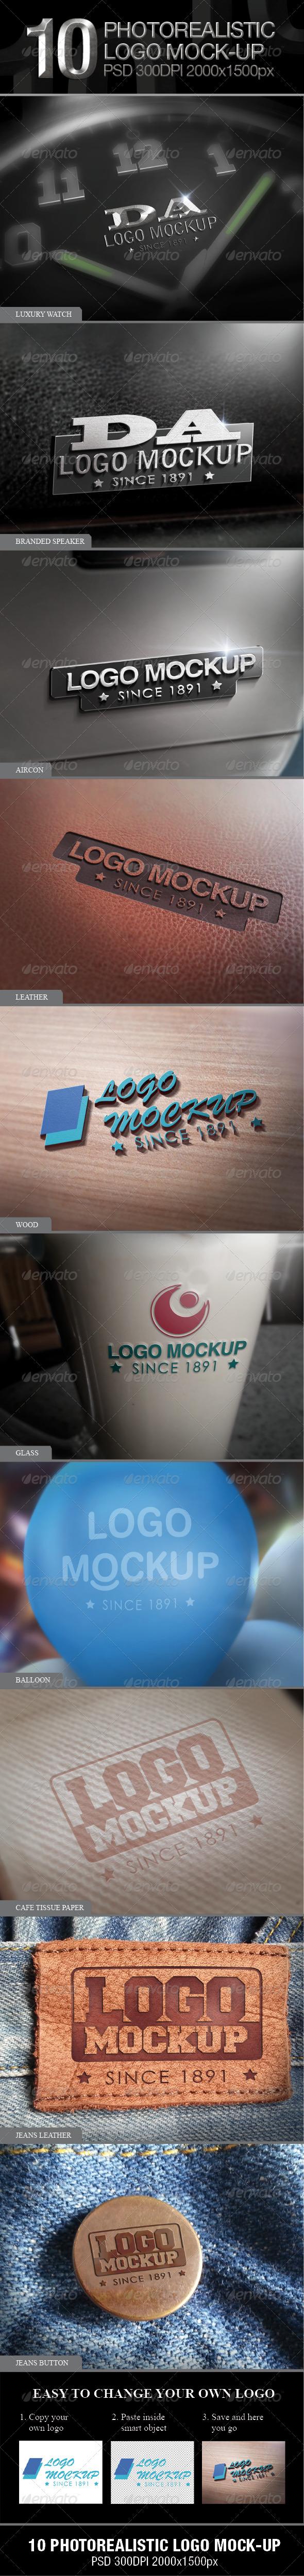 10 Photorealistic Logo Mock-up - Logo Product Mock-Ups